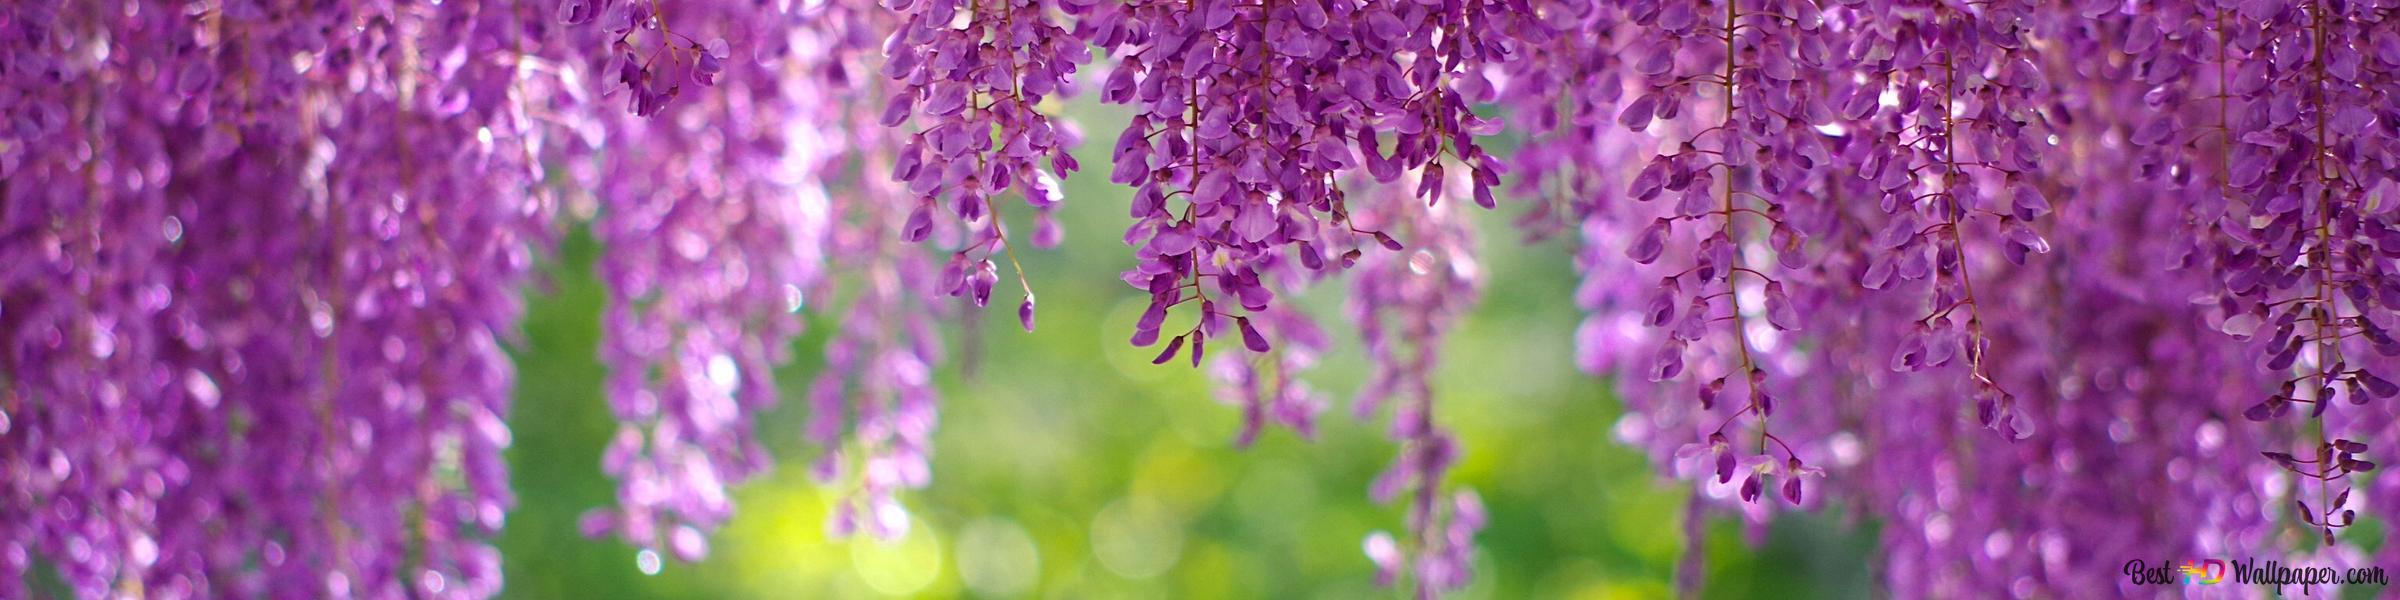 藤紫色の春の花 Hd壁紙のダウンロード